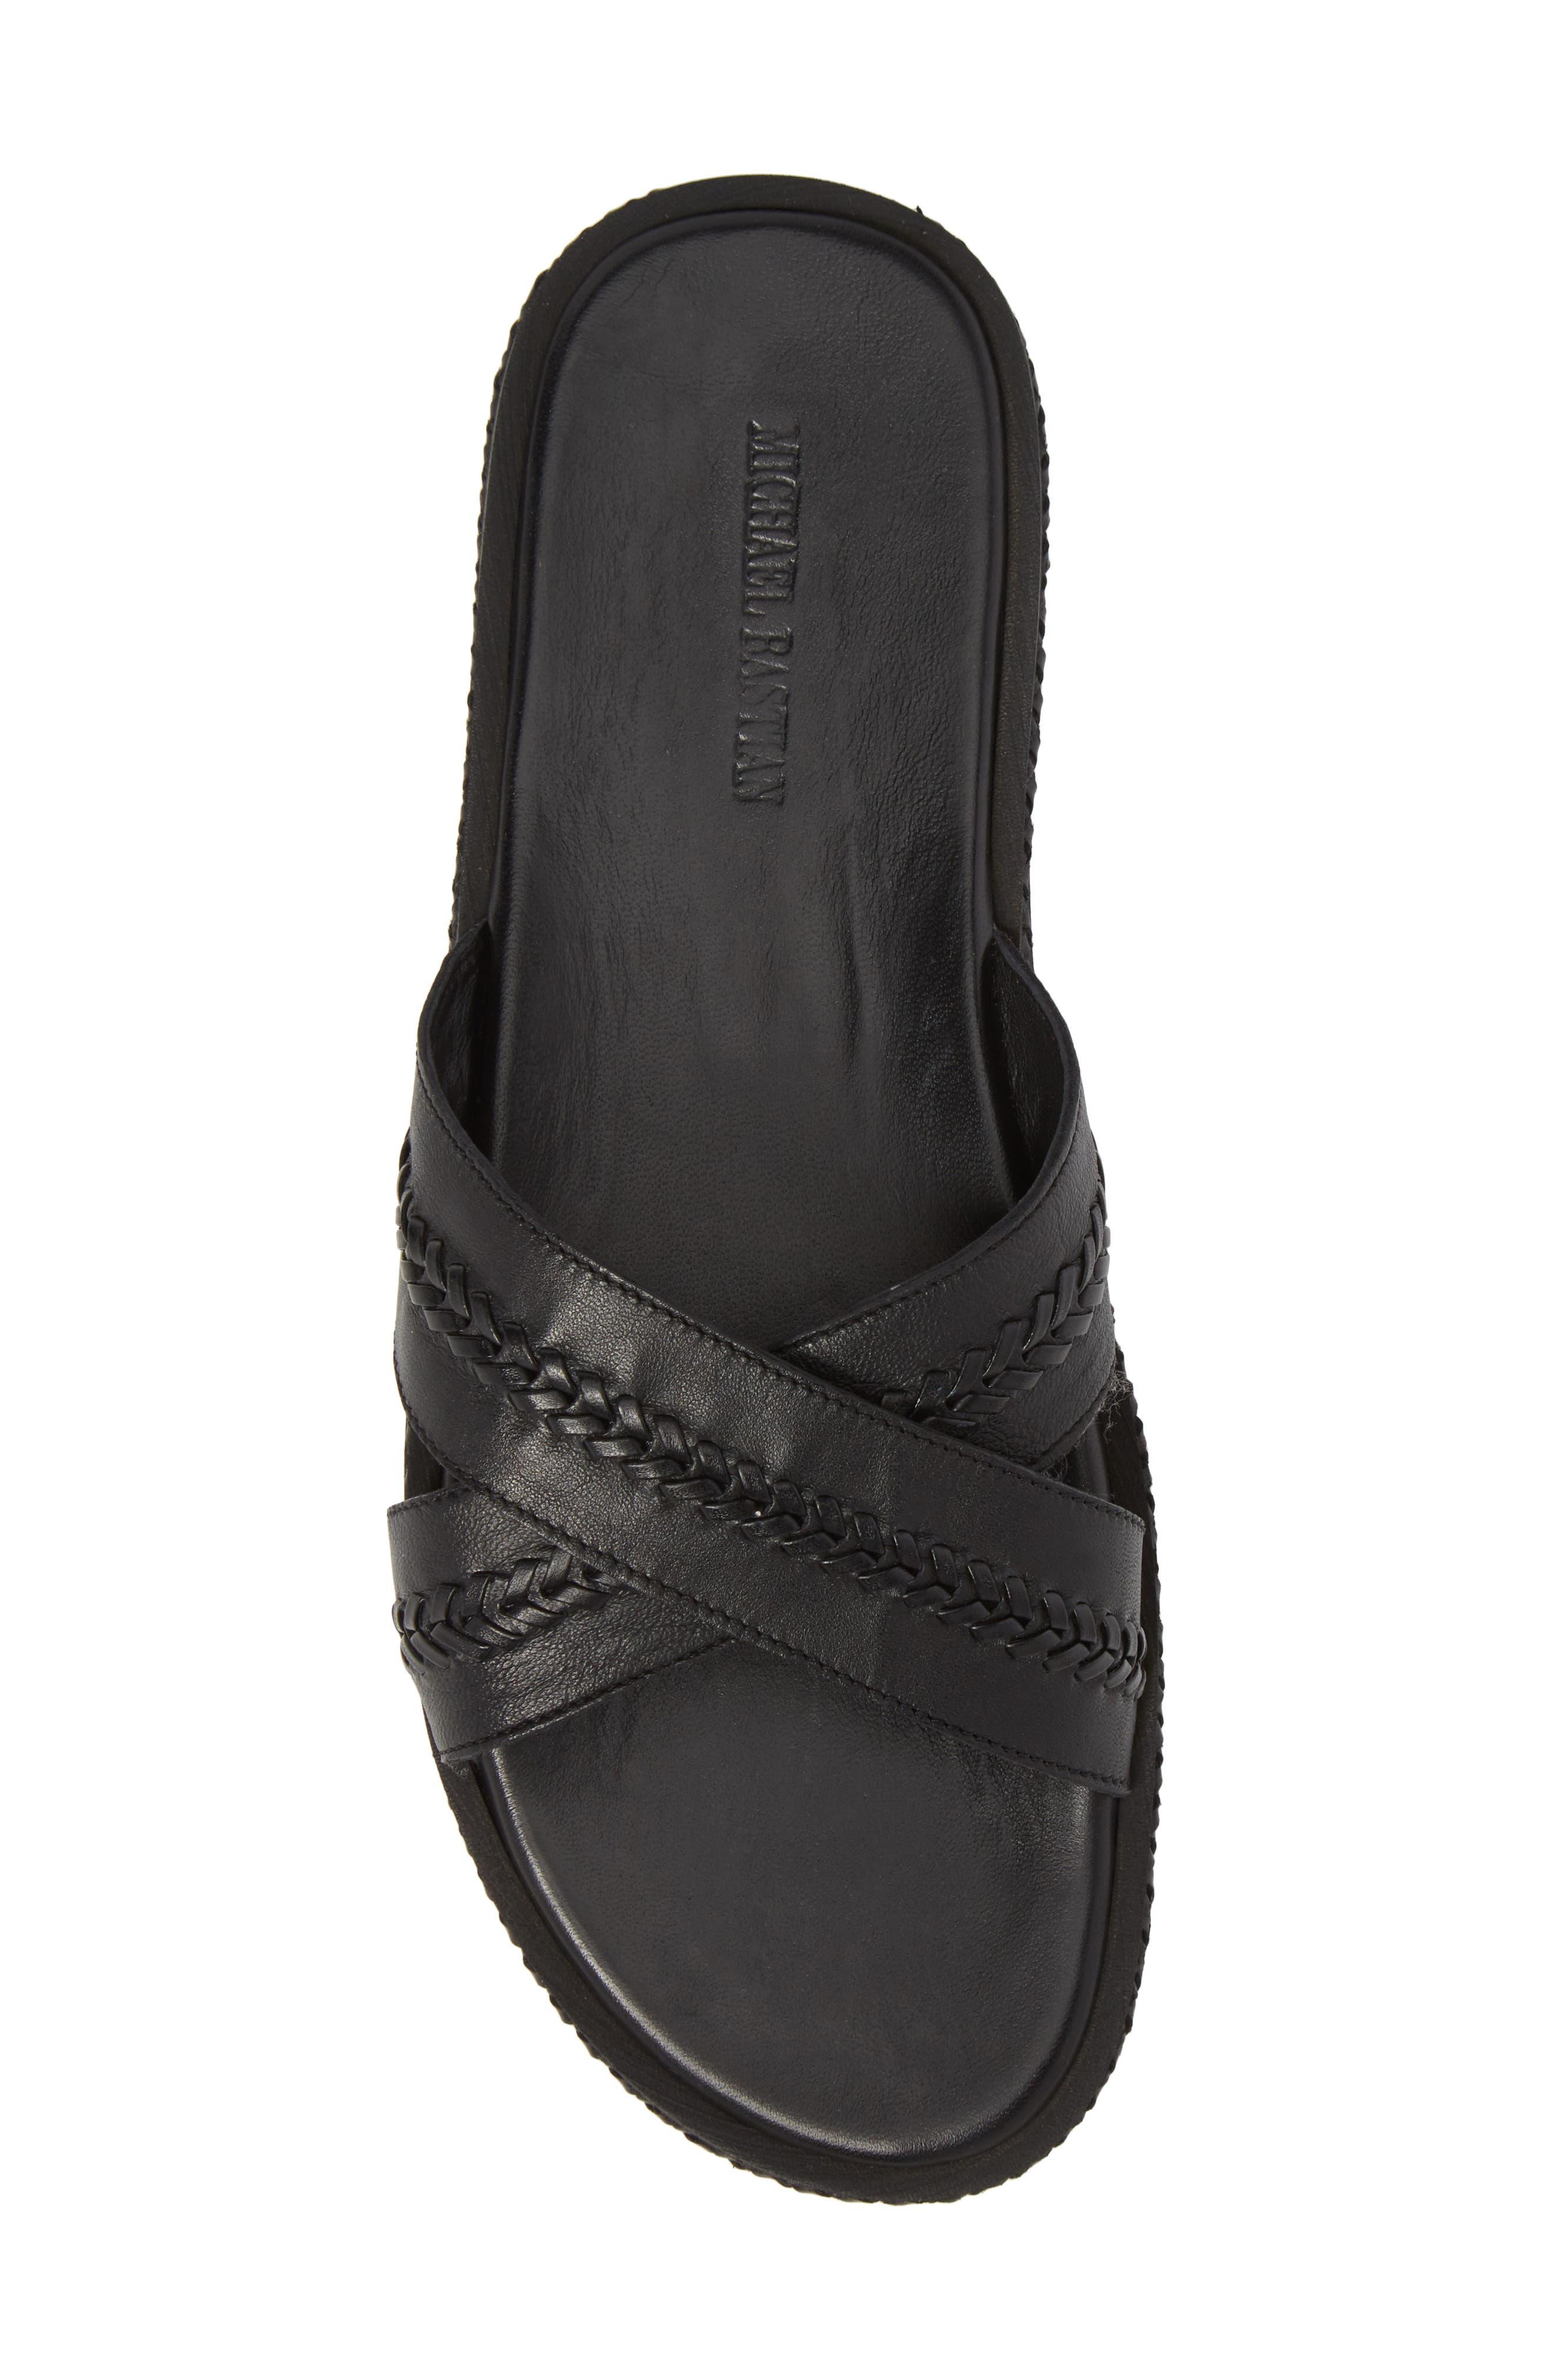 Woven Cross Strap Slide Sandal,                             Alternate thumbnail 5, color,                             Black Leather